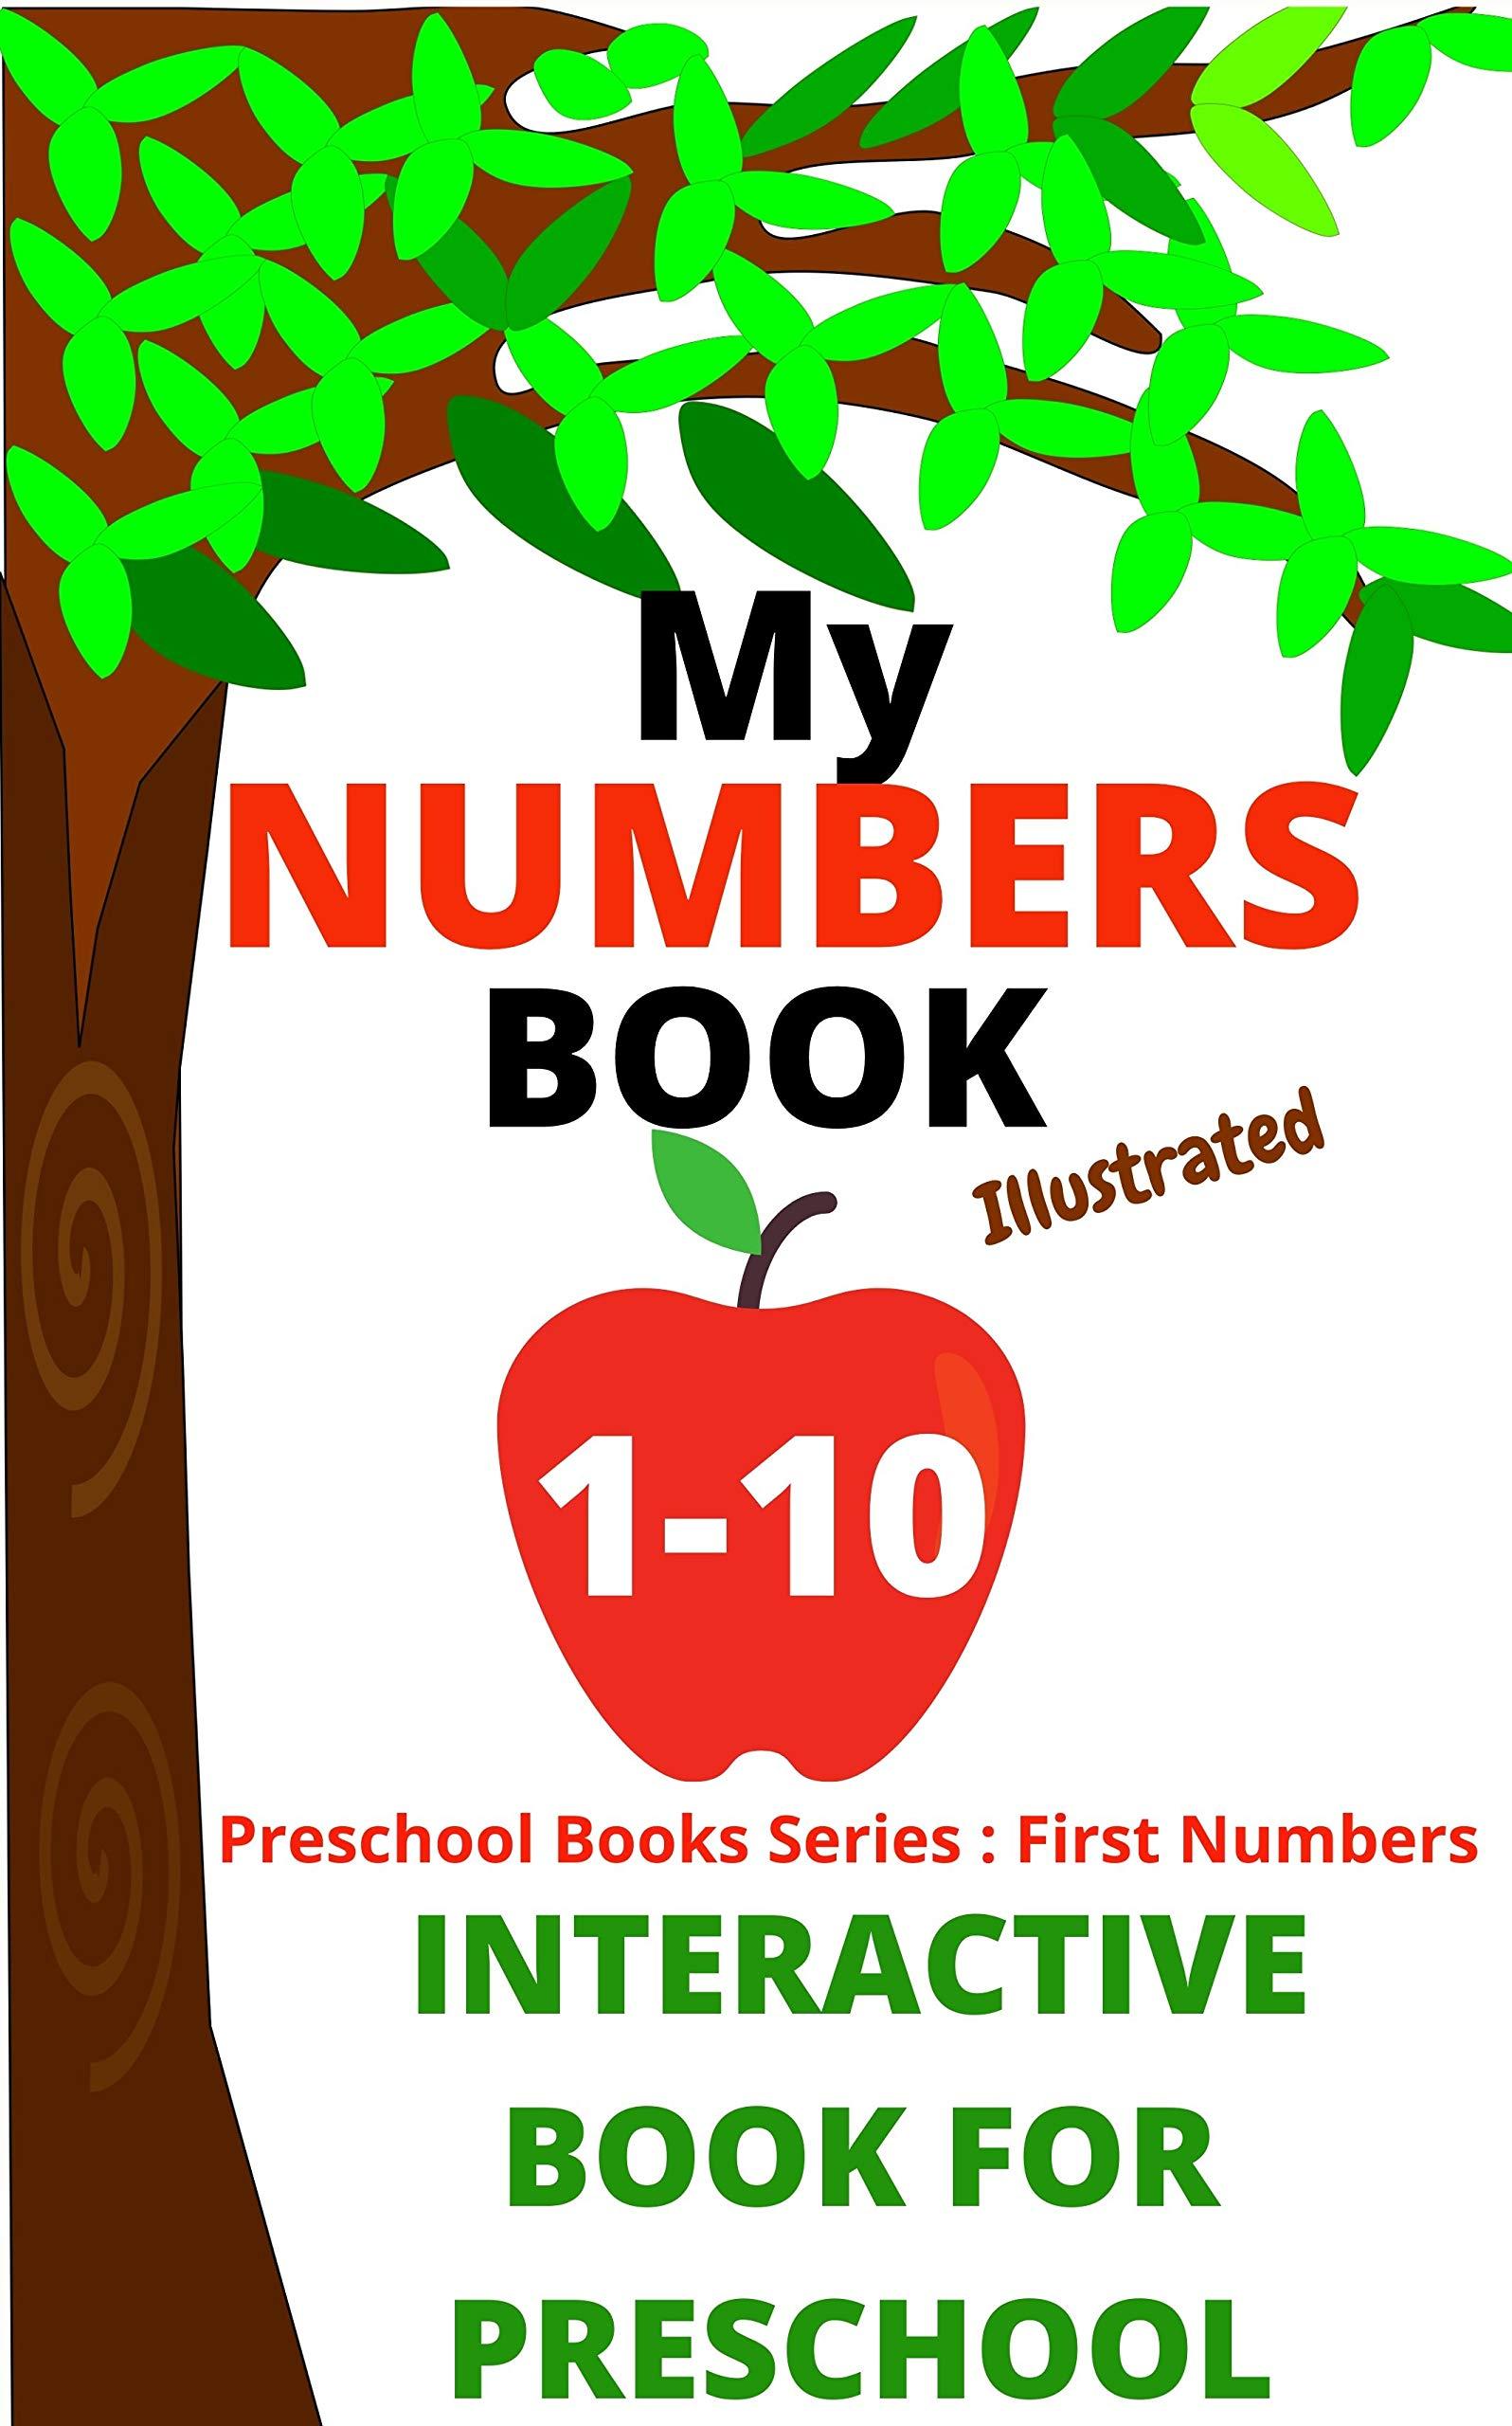 My Numbers Book 1-10   Interactive Numbers Book For Preschool / Kindergarten With Fun Quiz: Number 1 - 10 Activity Book for toddlers preschool and Kindergarten (Preschool Books Series)